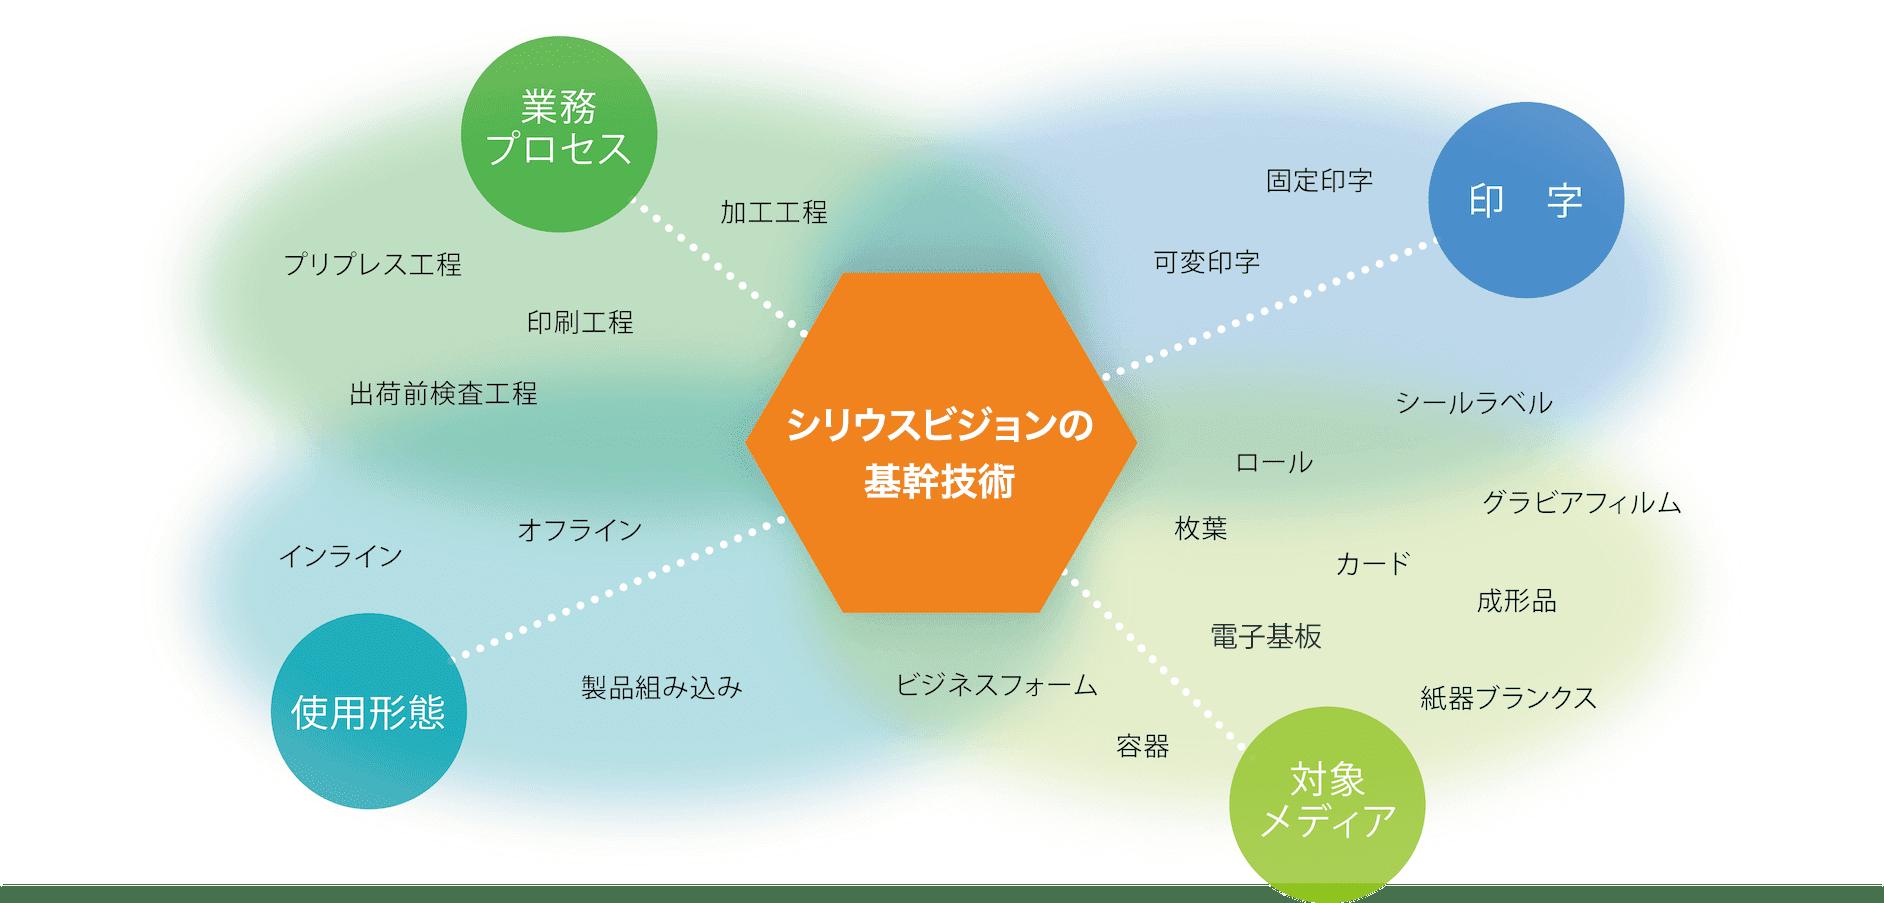 シリウスビジョンの基幹技術